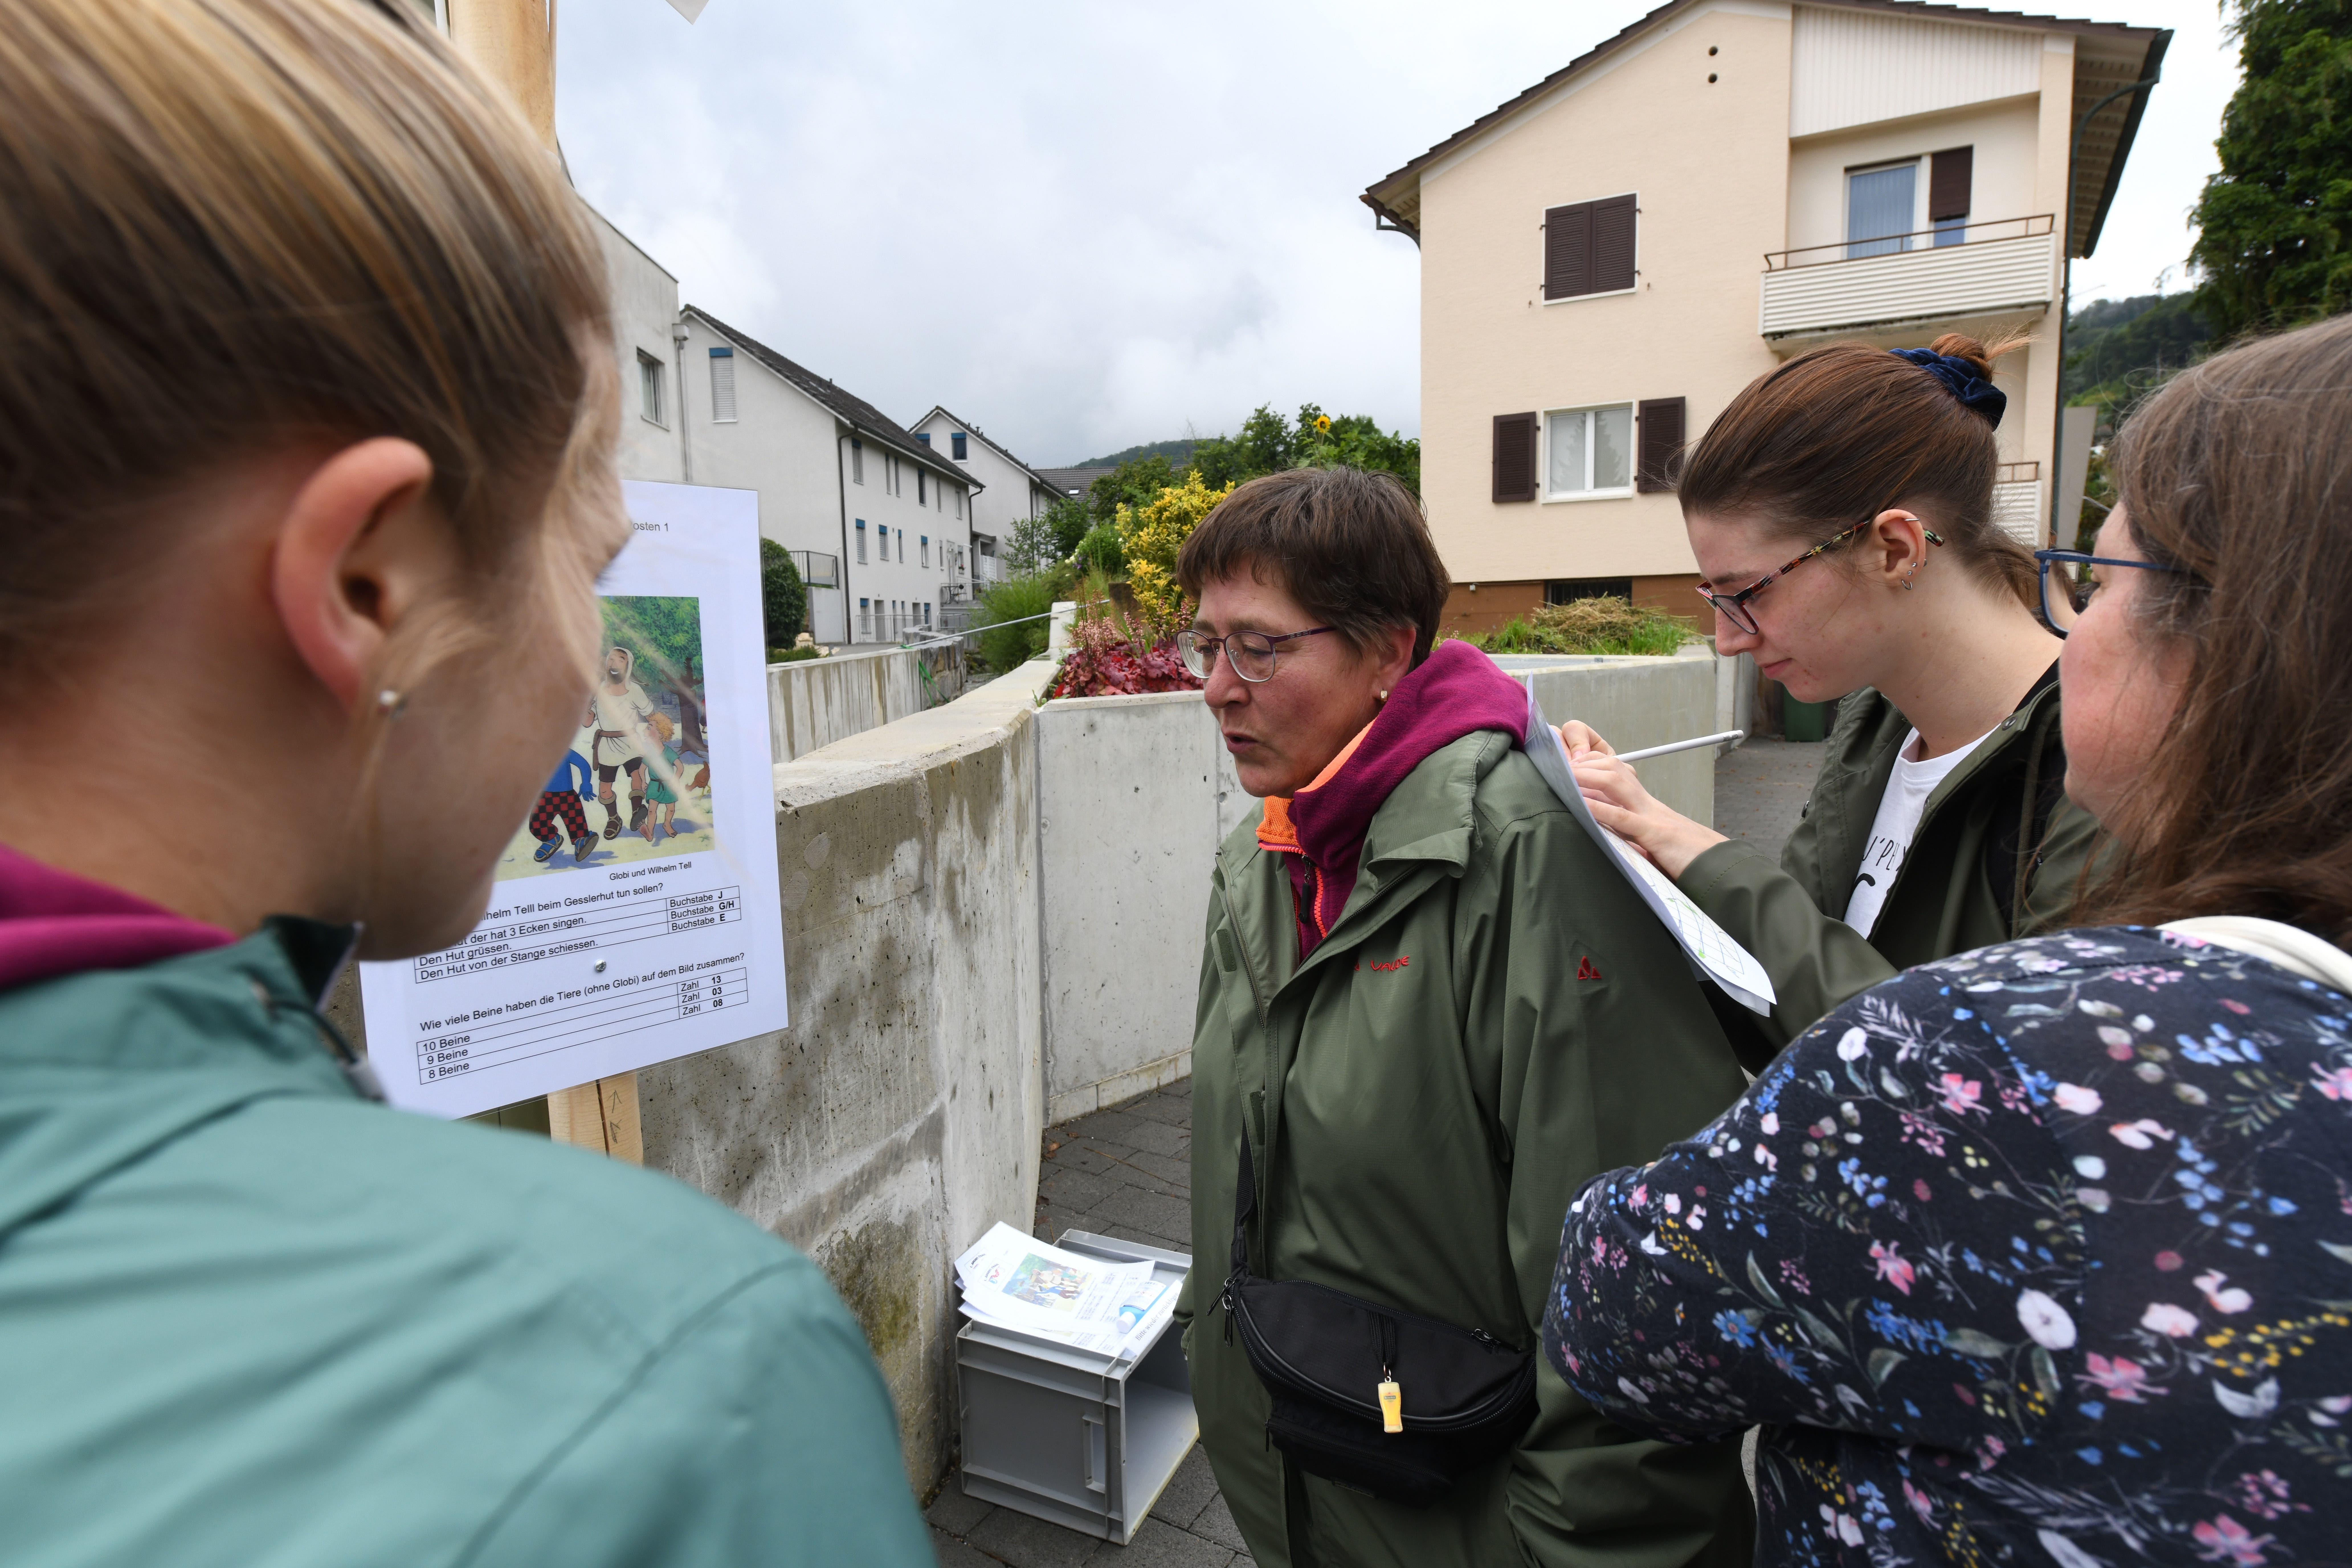 Frenkendorf organisiert zum 1. August einen Postenlauf mit versteckten Botschaften, Geschicklichkeitsspielen, Codes und Rätseln.